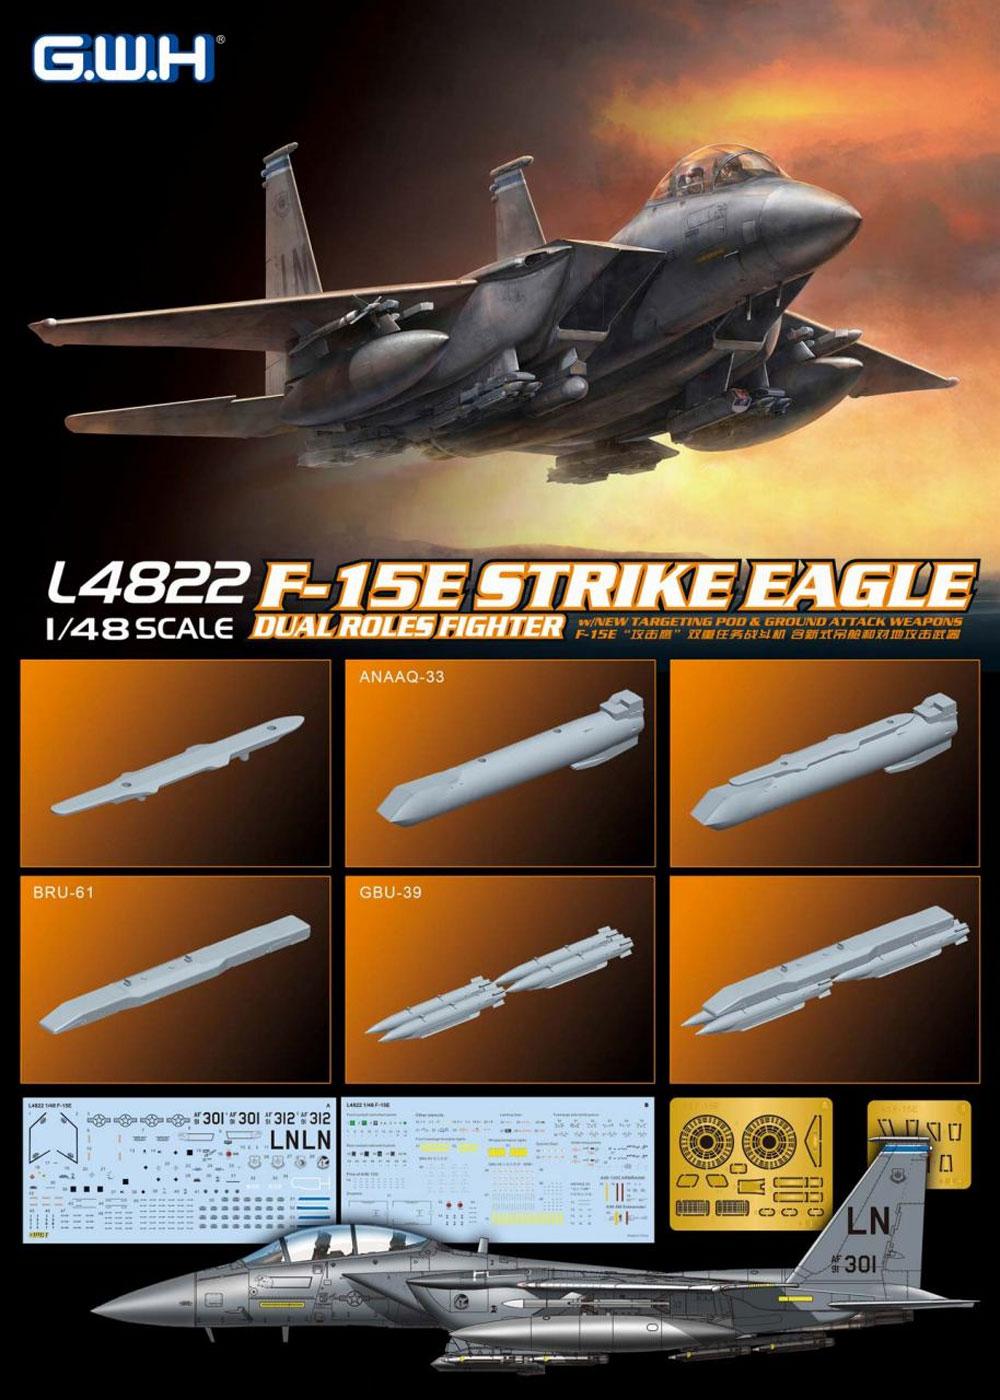 アメリカ空軍 F-15E ストライクイーグルプラモデル(グレートウォールホビー1/48 ミリタリーエアクラフト プラモデルNo.L4822)商品画像_2